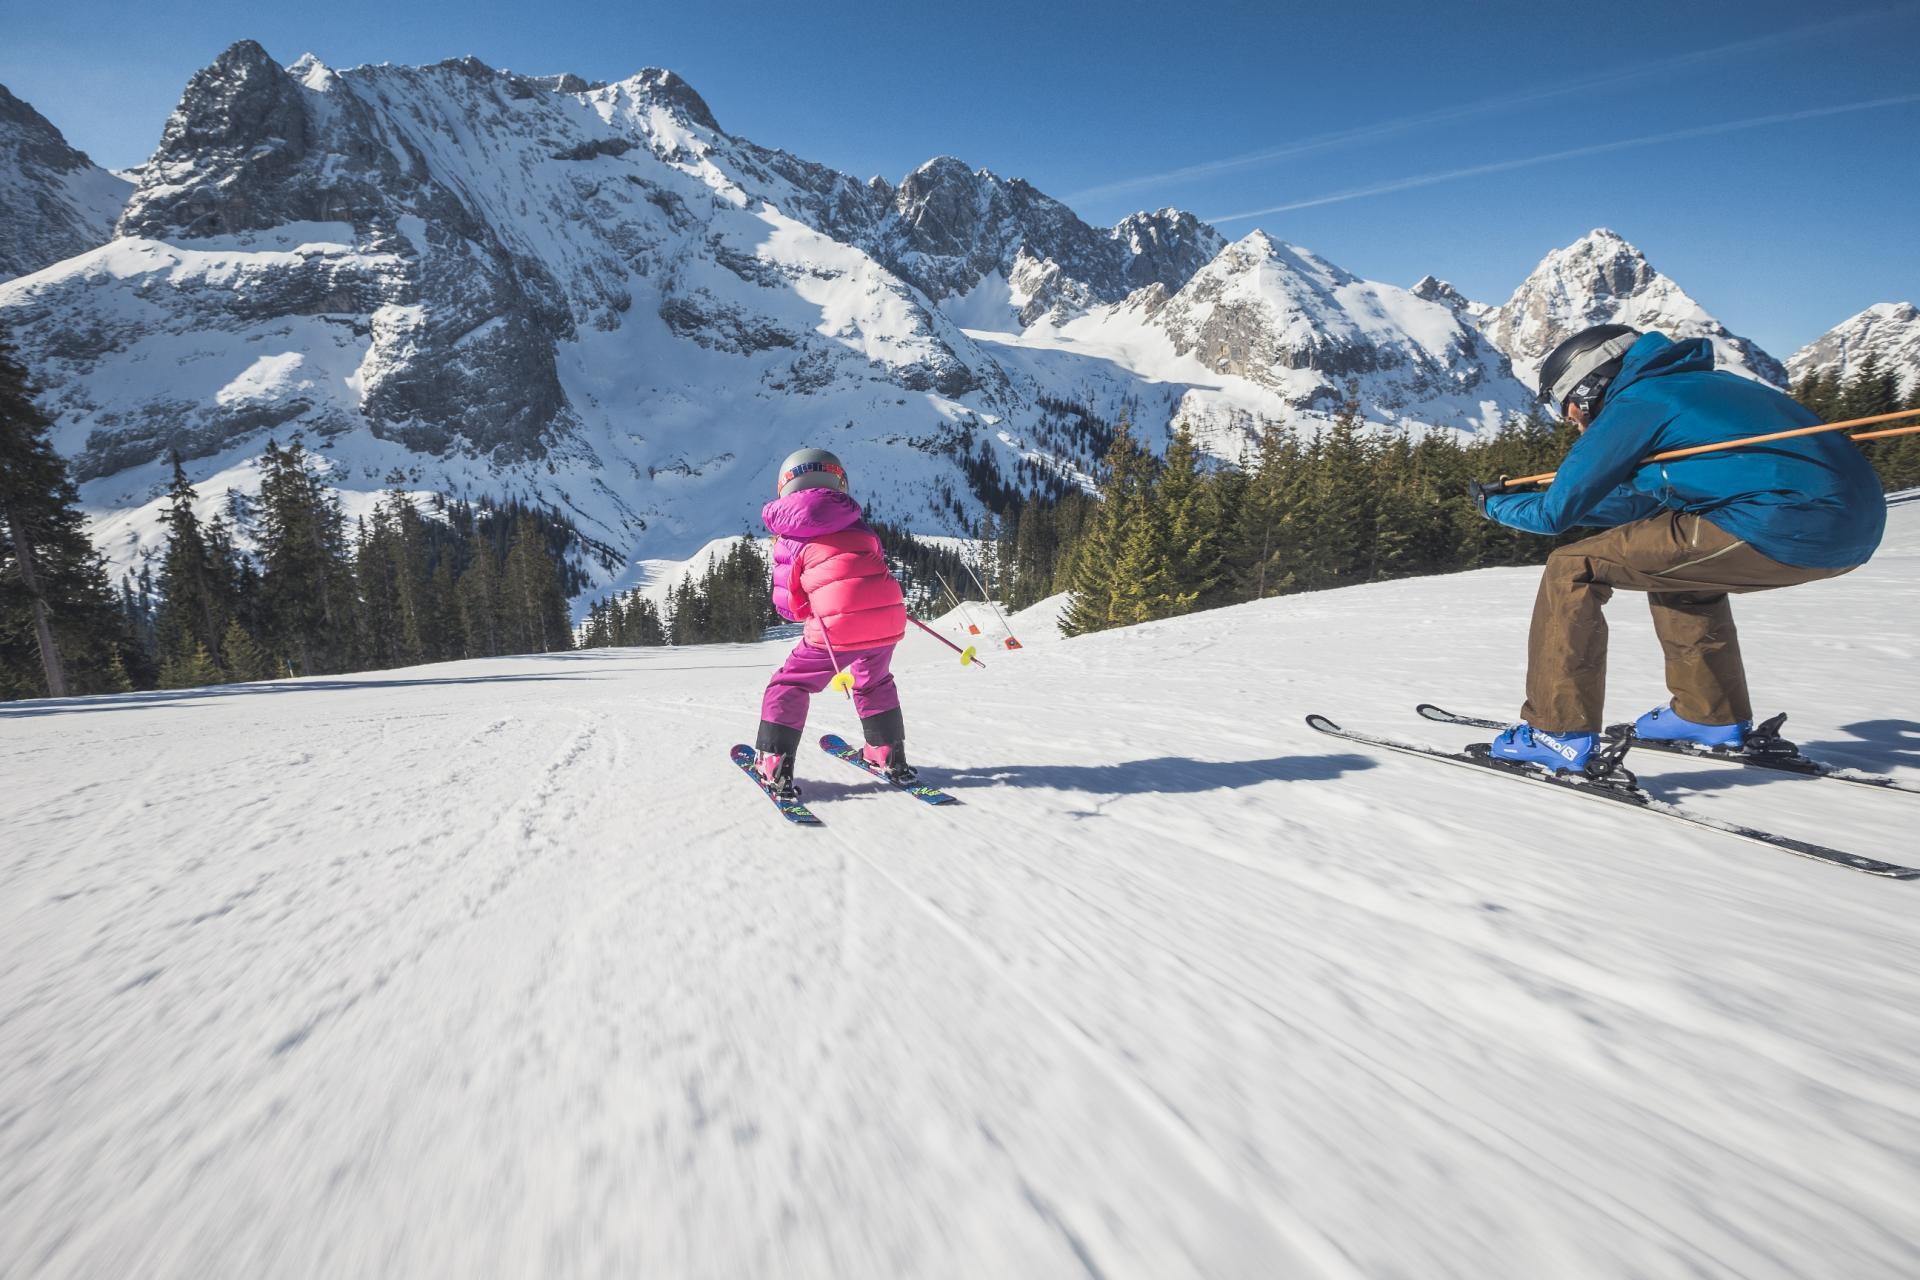 Bergheimat Unterdorf #Bildergalerie#Aktiv Urlaub#Familienspaß#Winter